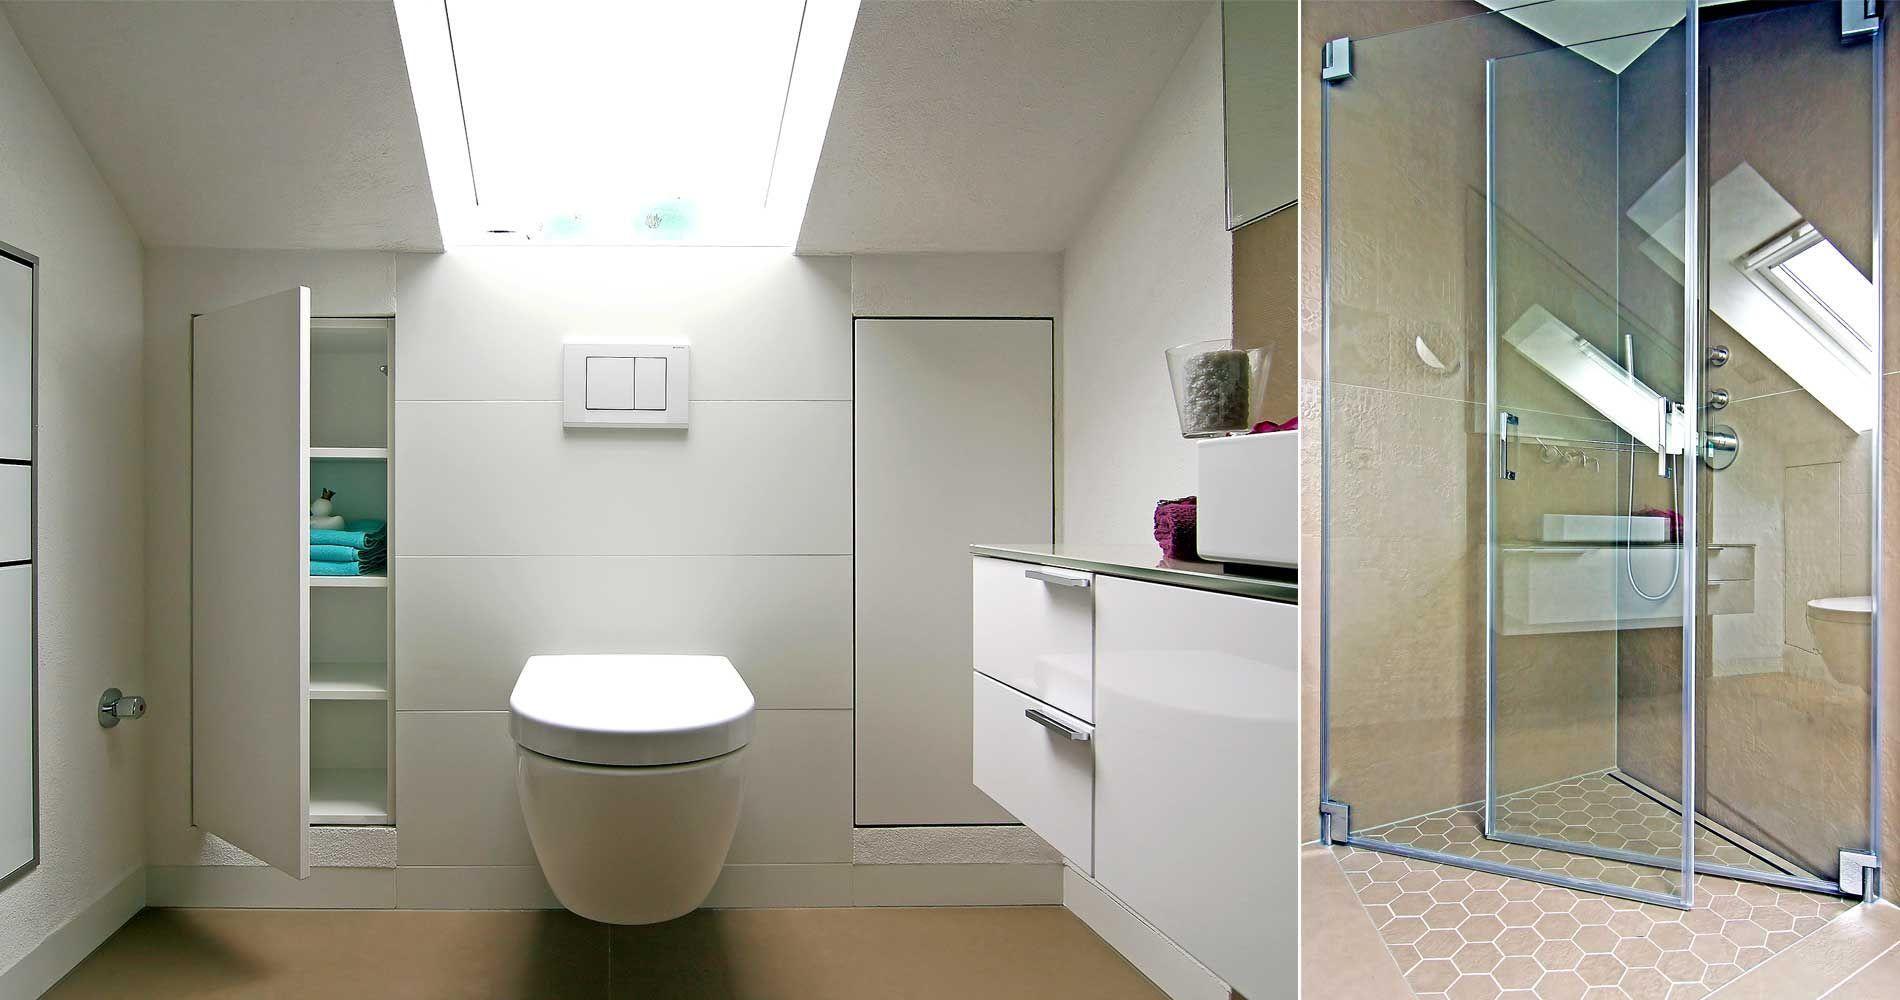 7 Kleines Badezimmer Mit Dachschrage Gestalten Badezimmer Kreativ Eintagamsee Badezimmer Gestalten Bad Mit Dachschrage Dachschrage Gestalten